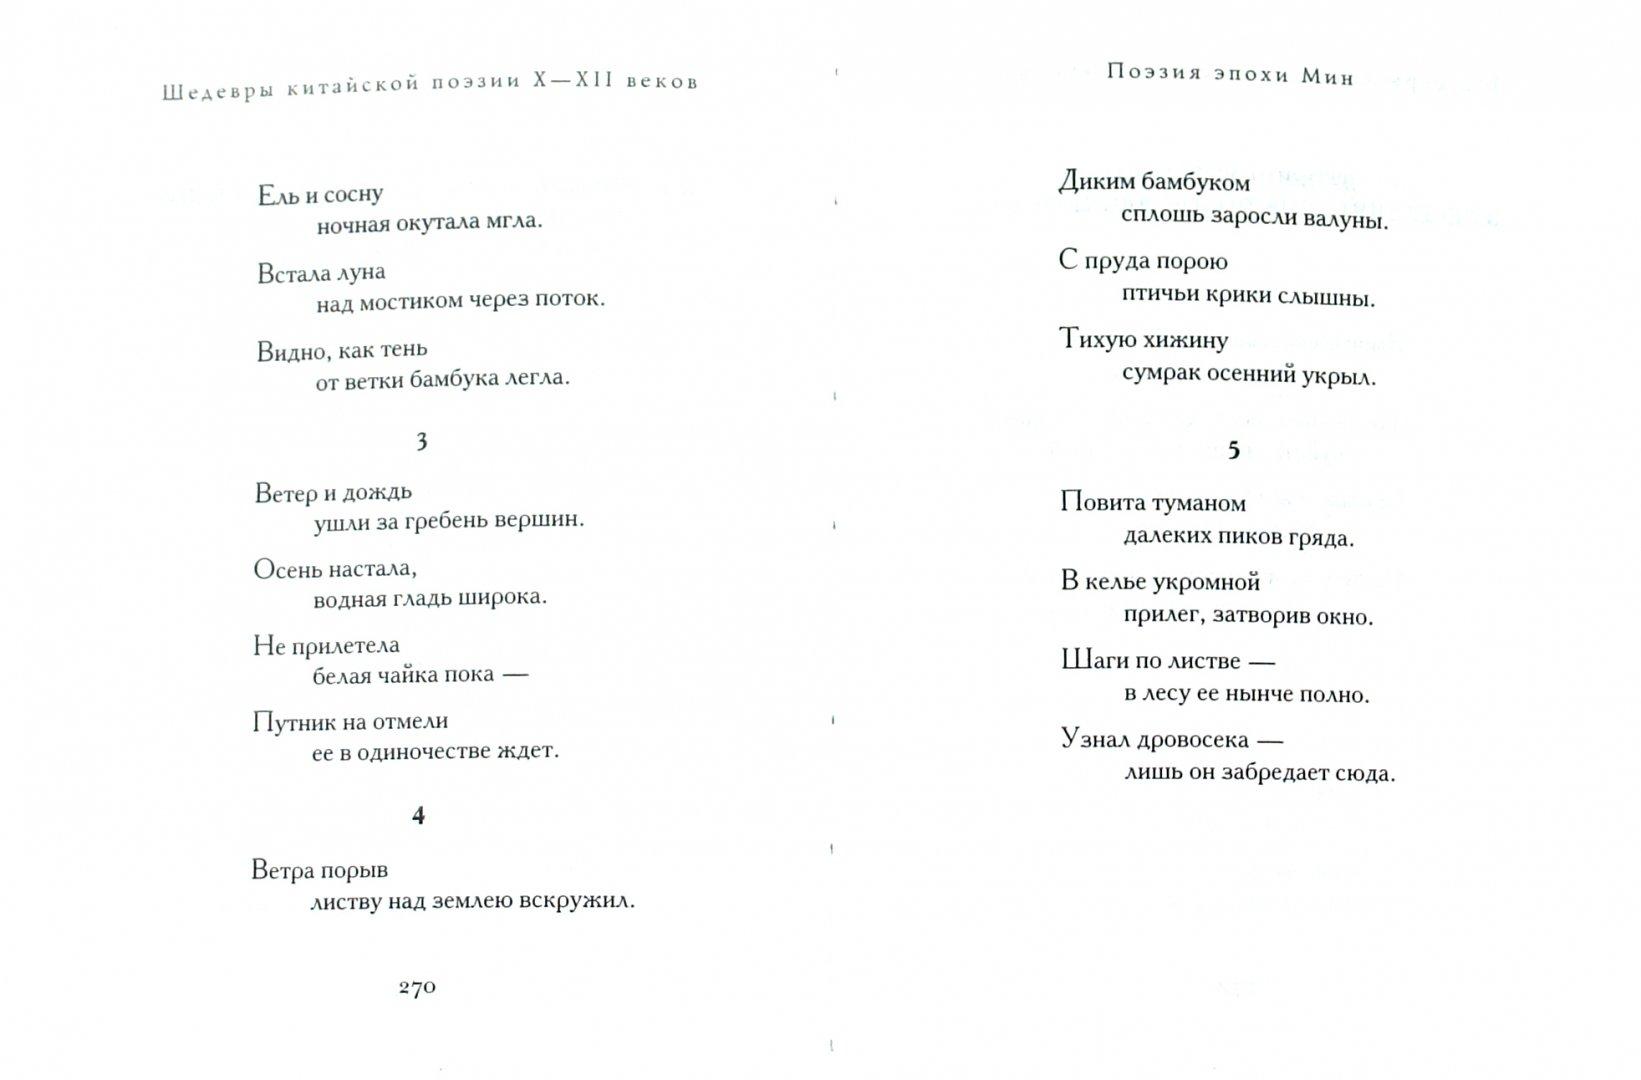 Иллюстрация 1 из 8 для Шедевры китайской поэзии X - XII веков | Лабиринт - книги. Источник: Лабиринт